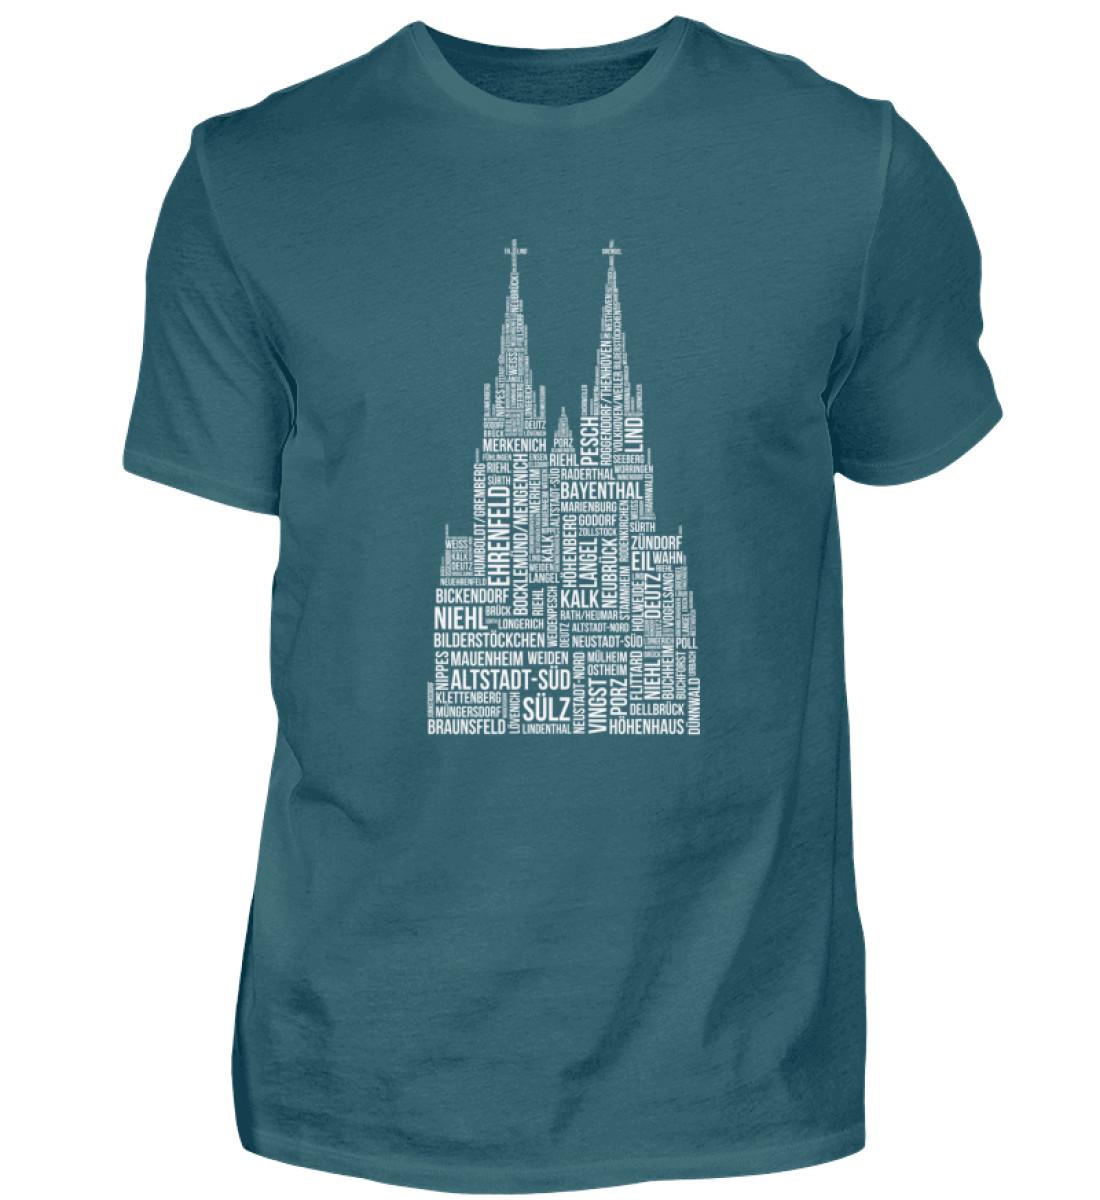 86 Veedel weiß T-Shirt - Herren - Herren Shirt-1096